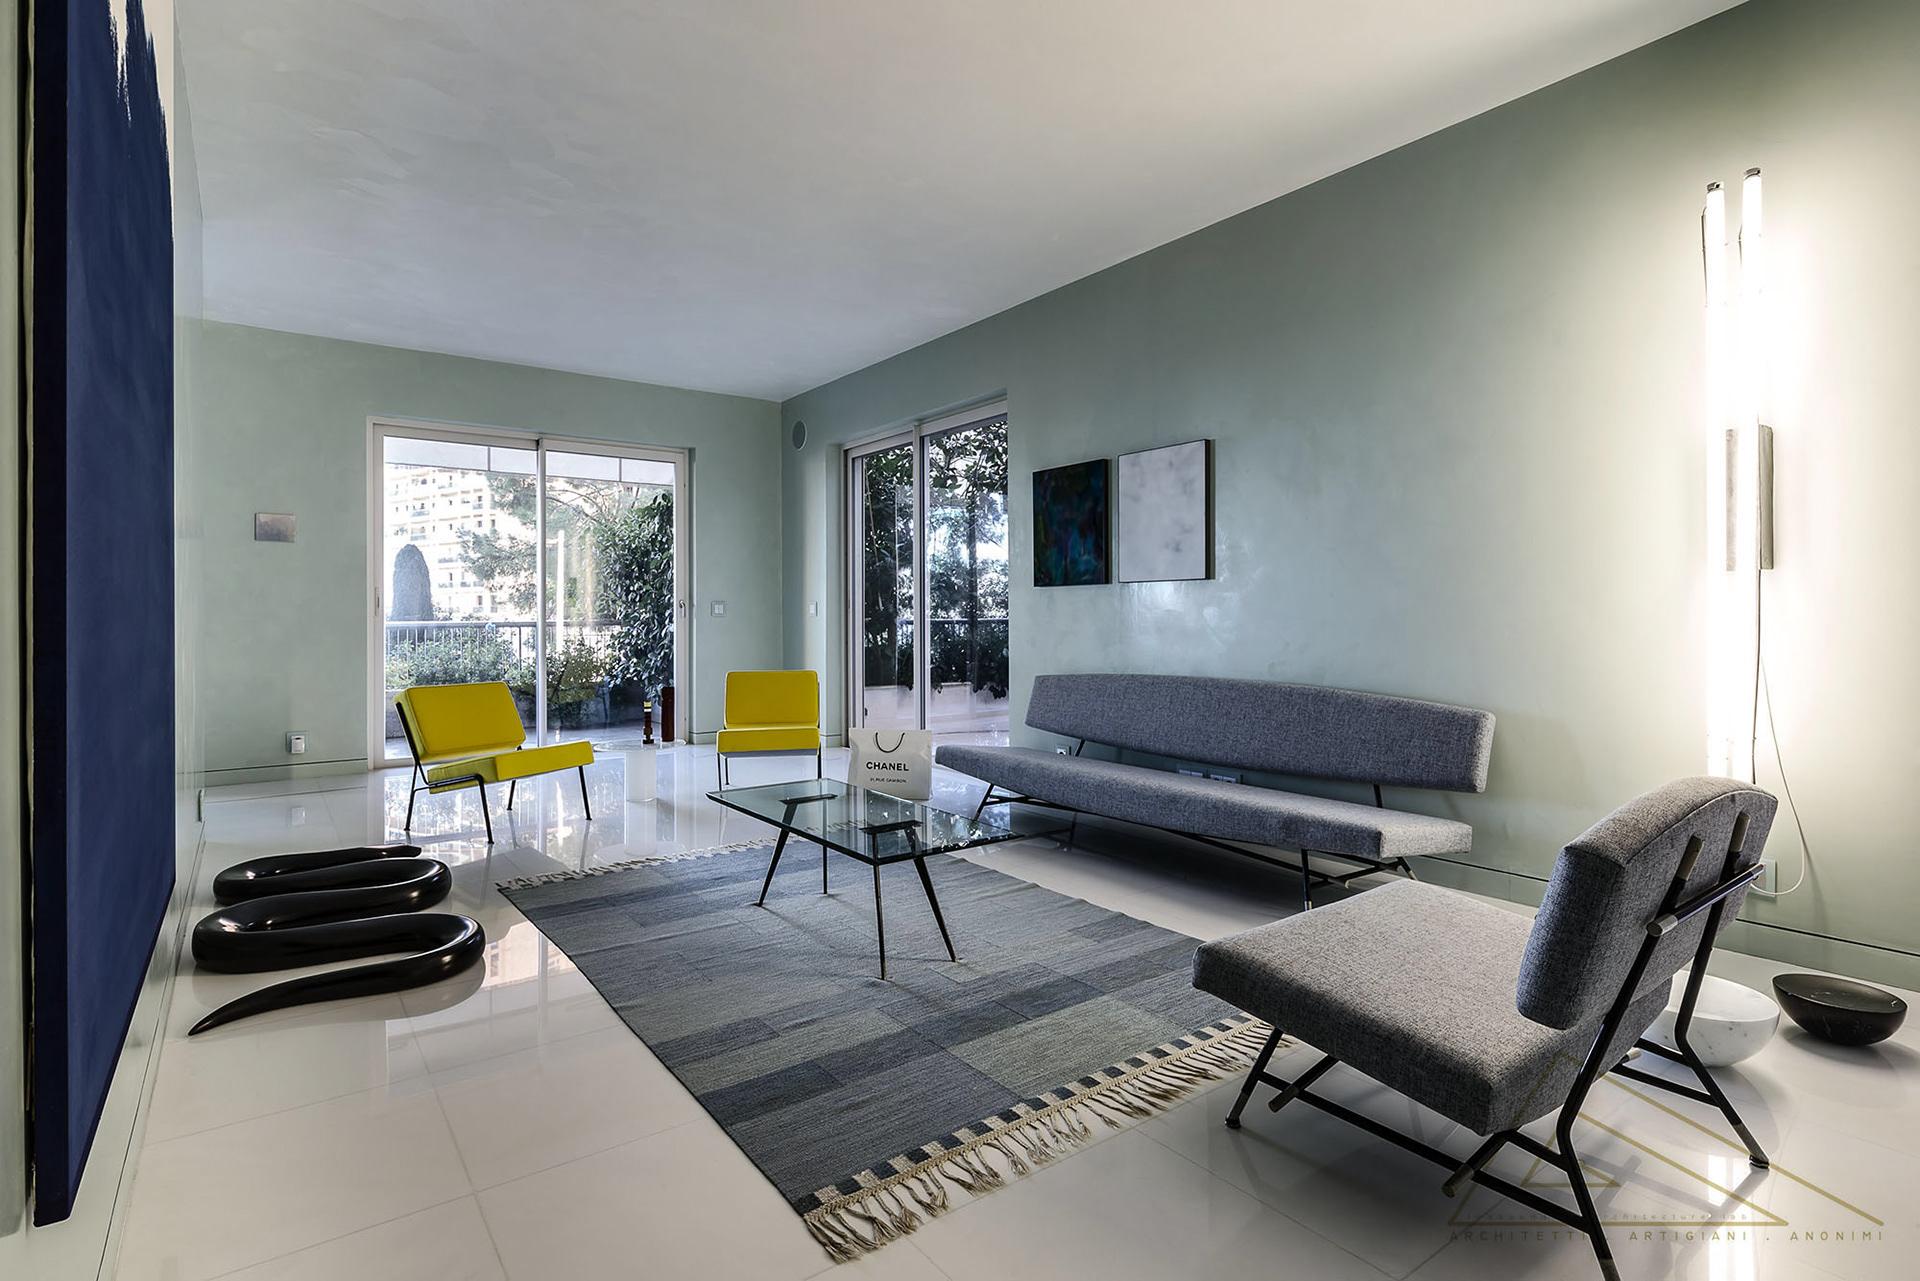 Fotografo di architettura di interni ed esterni archit for Architettura di interni